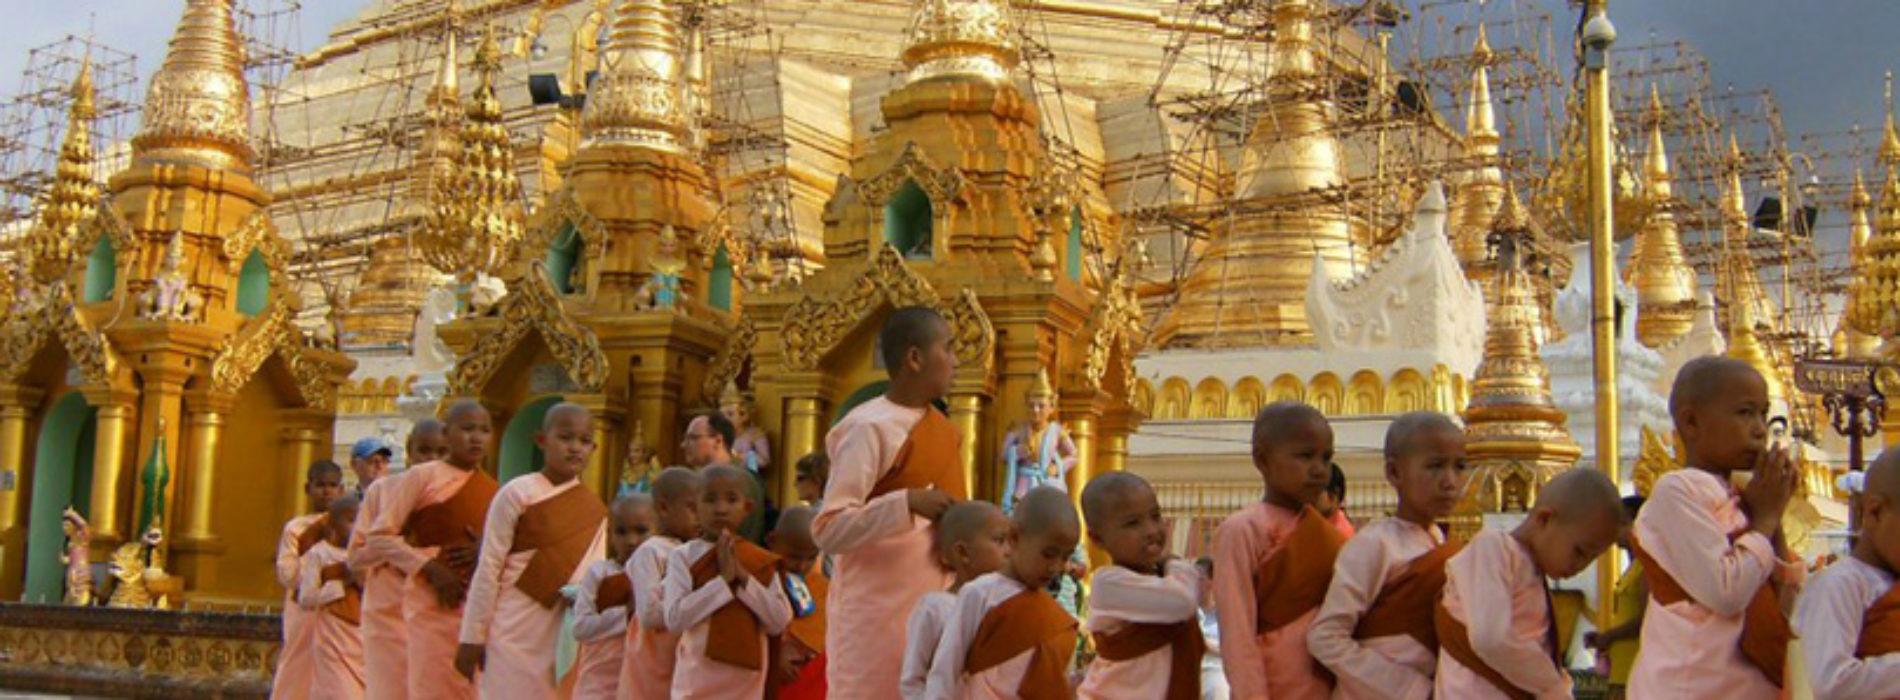 Backpack en Birmanie : Où les auberges de jeunesse sont illégales